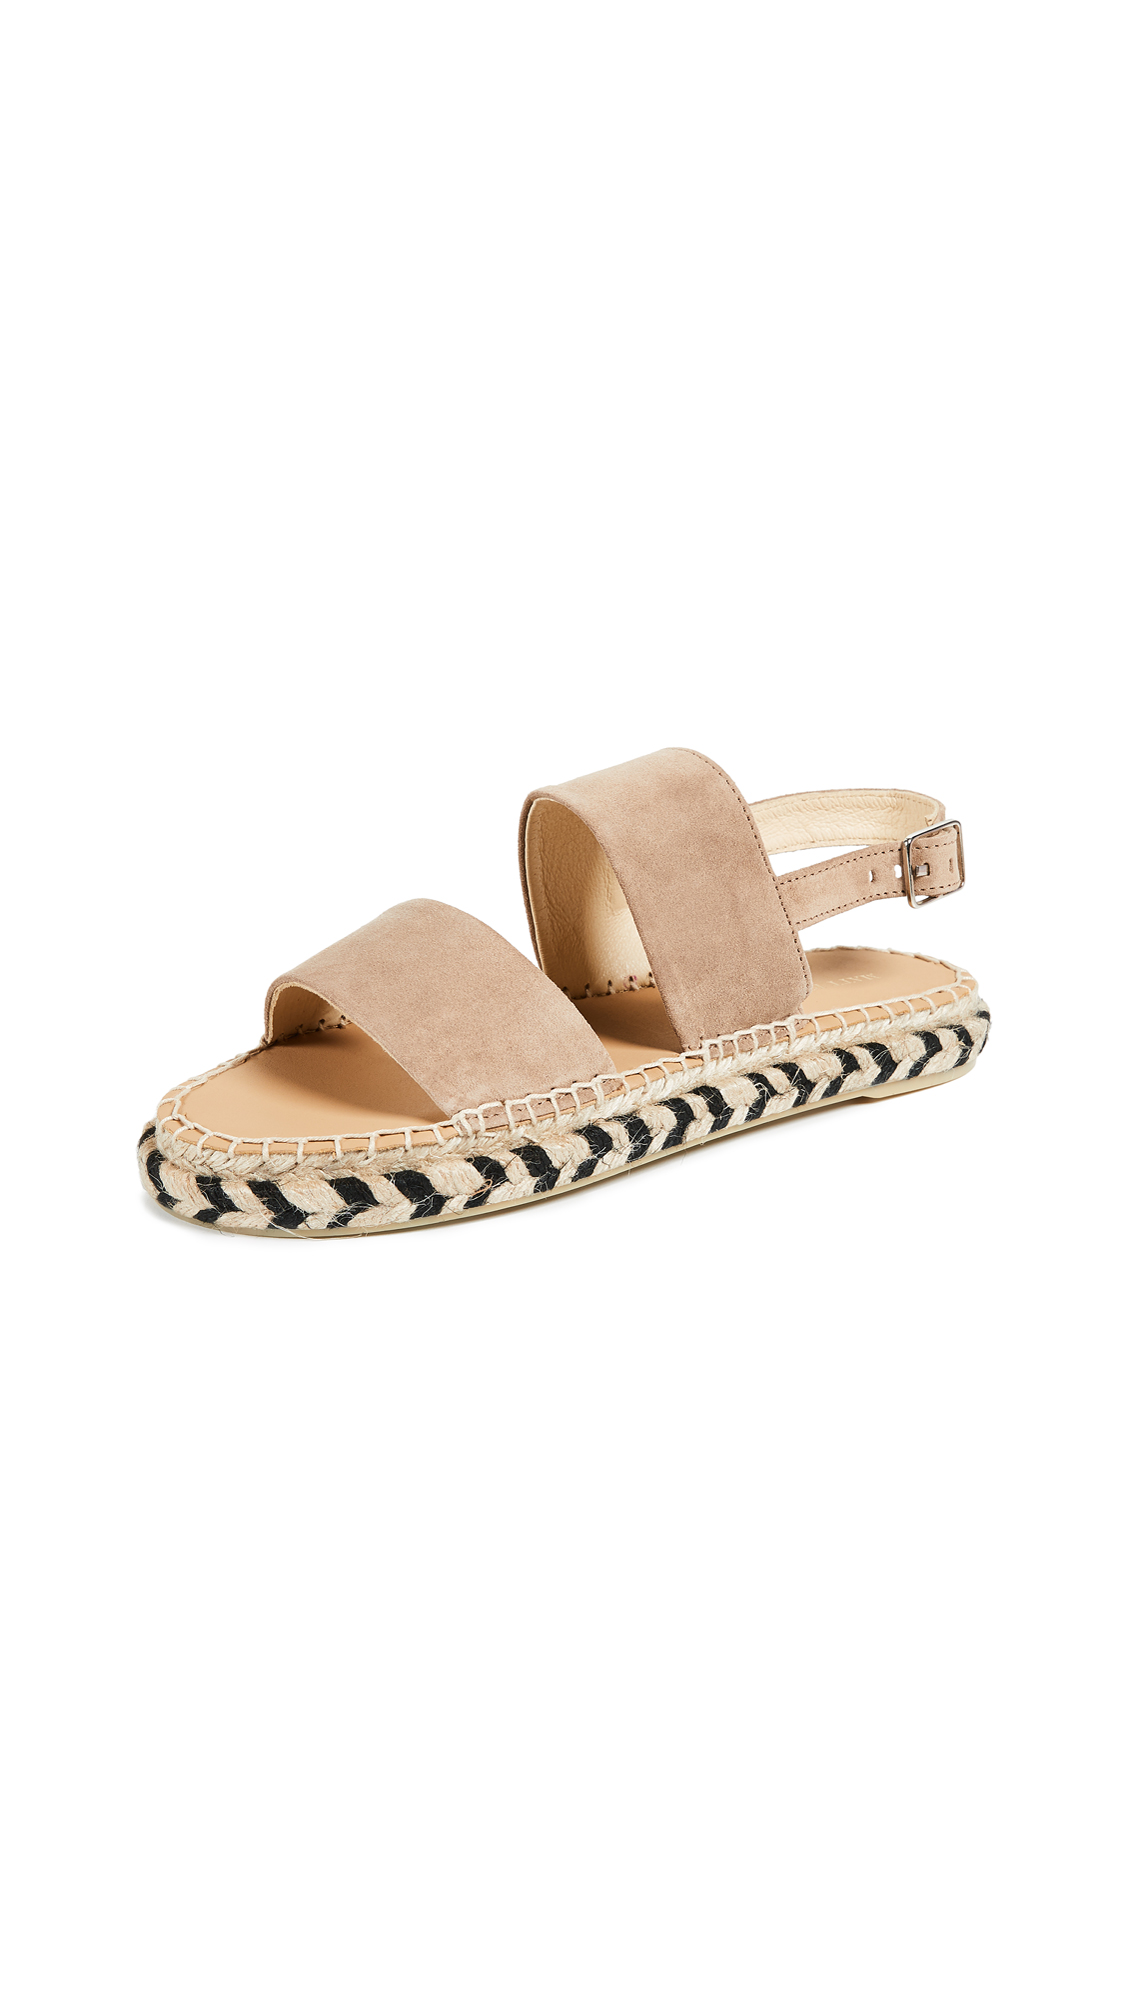 Matt Bernson Nissi Ankle Strap Espadrilles - Tan